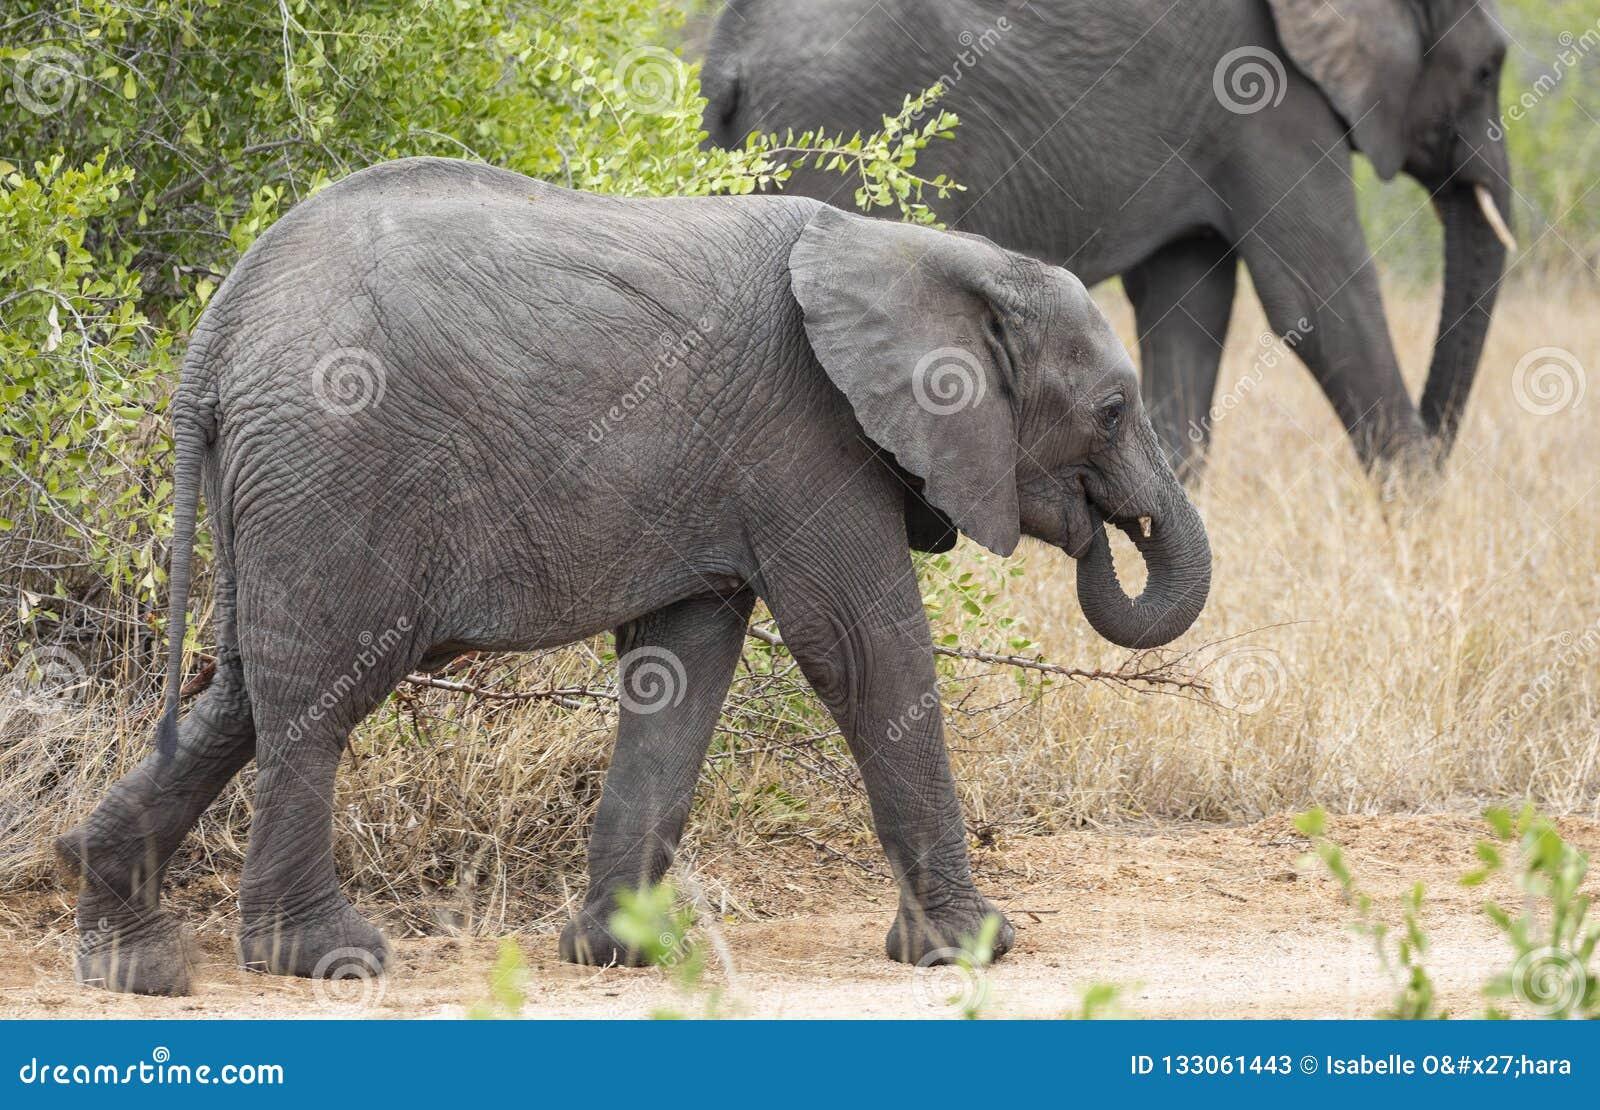 Profilowy portret dziecko słoń, Loxodonta Africana, chodzi z wielkim słoniem w tle